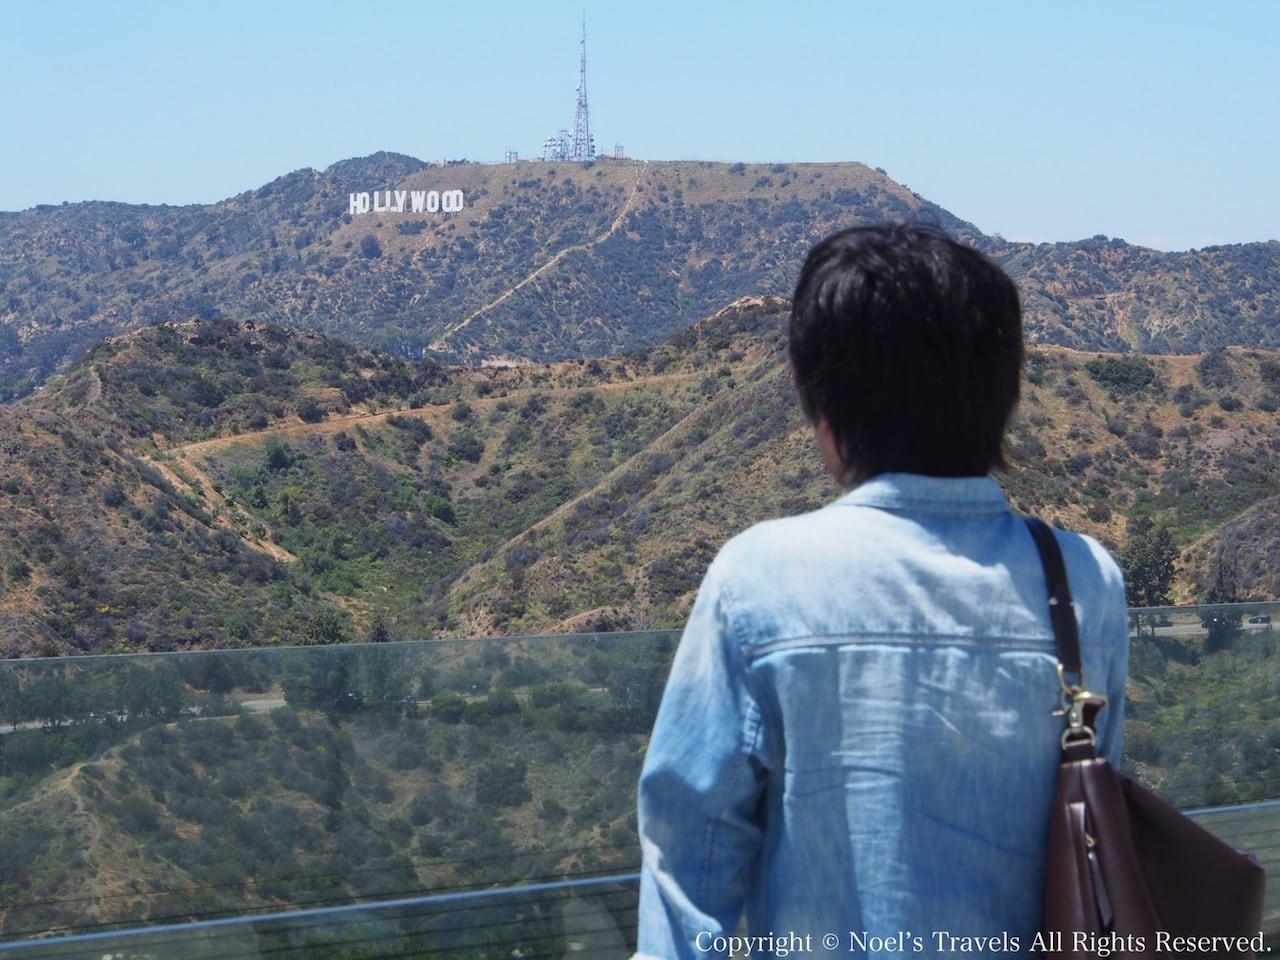 グリフィス天文台から見たハリウッド・サイン